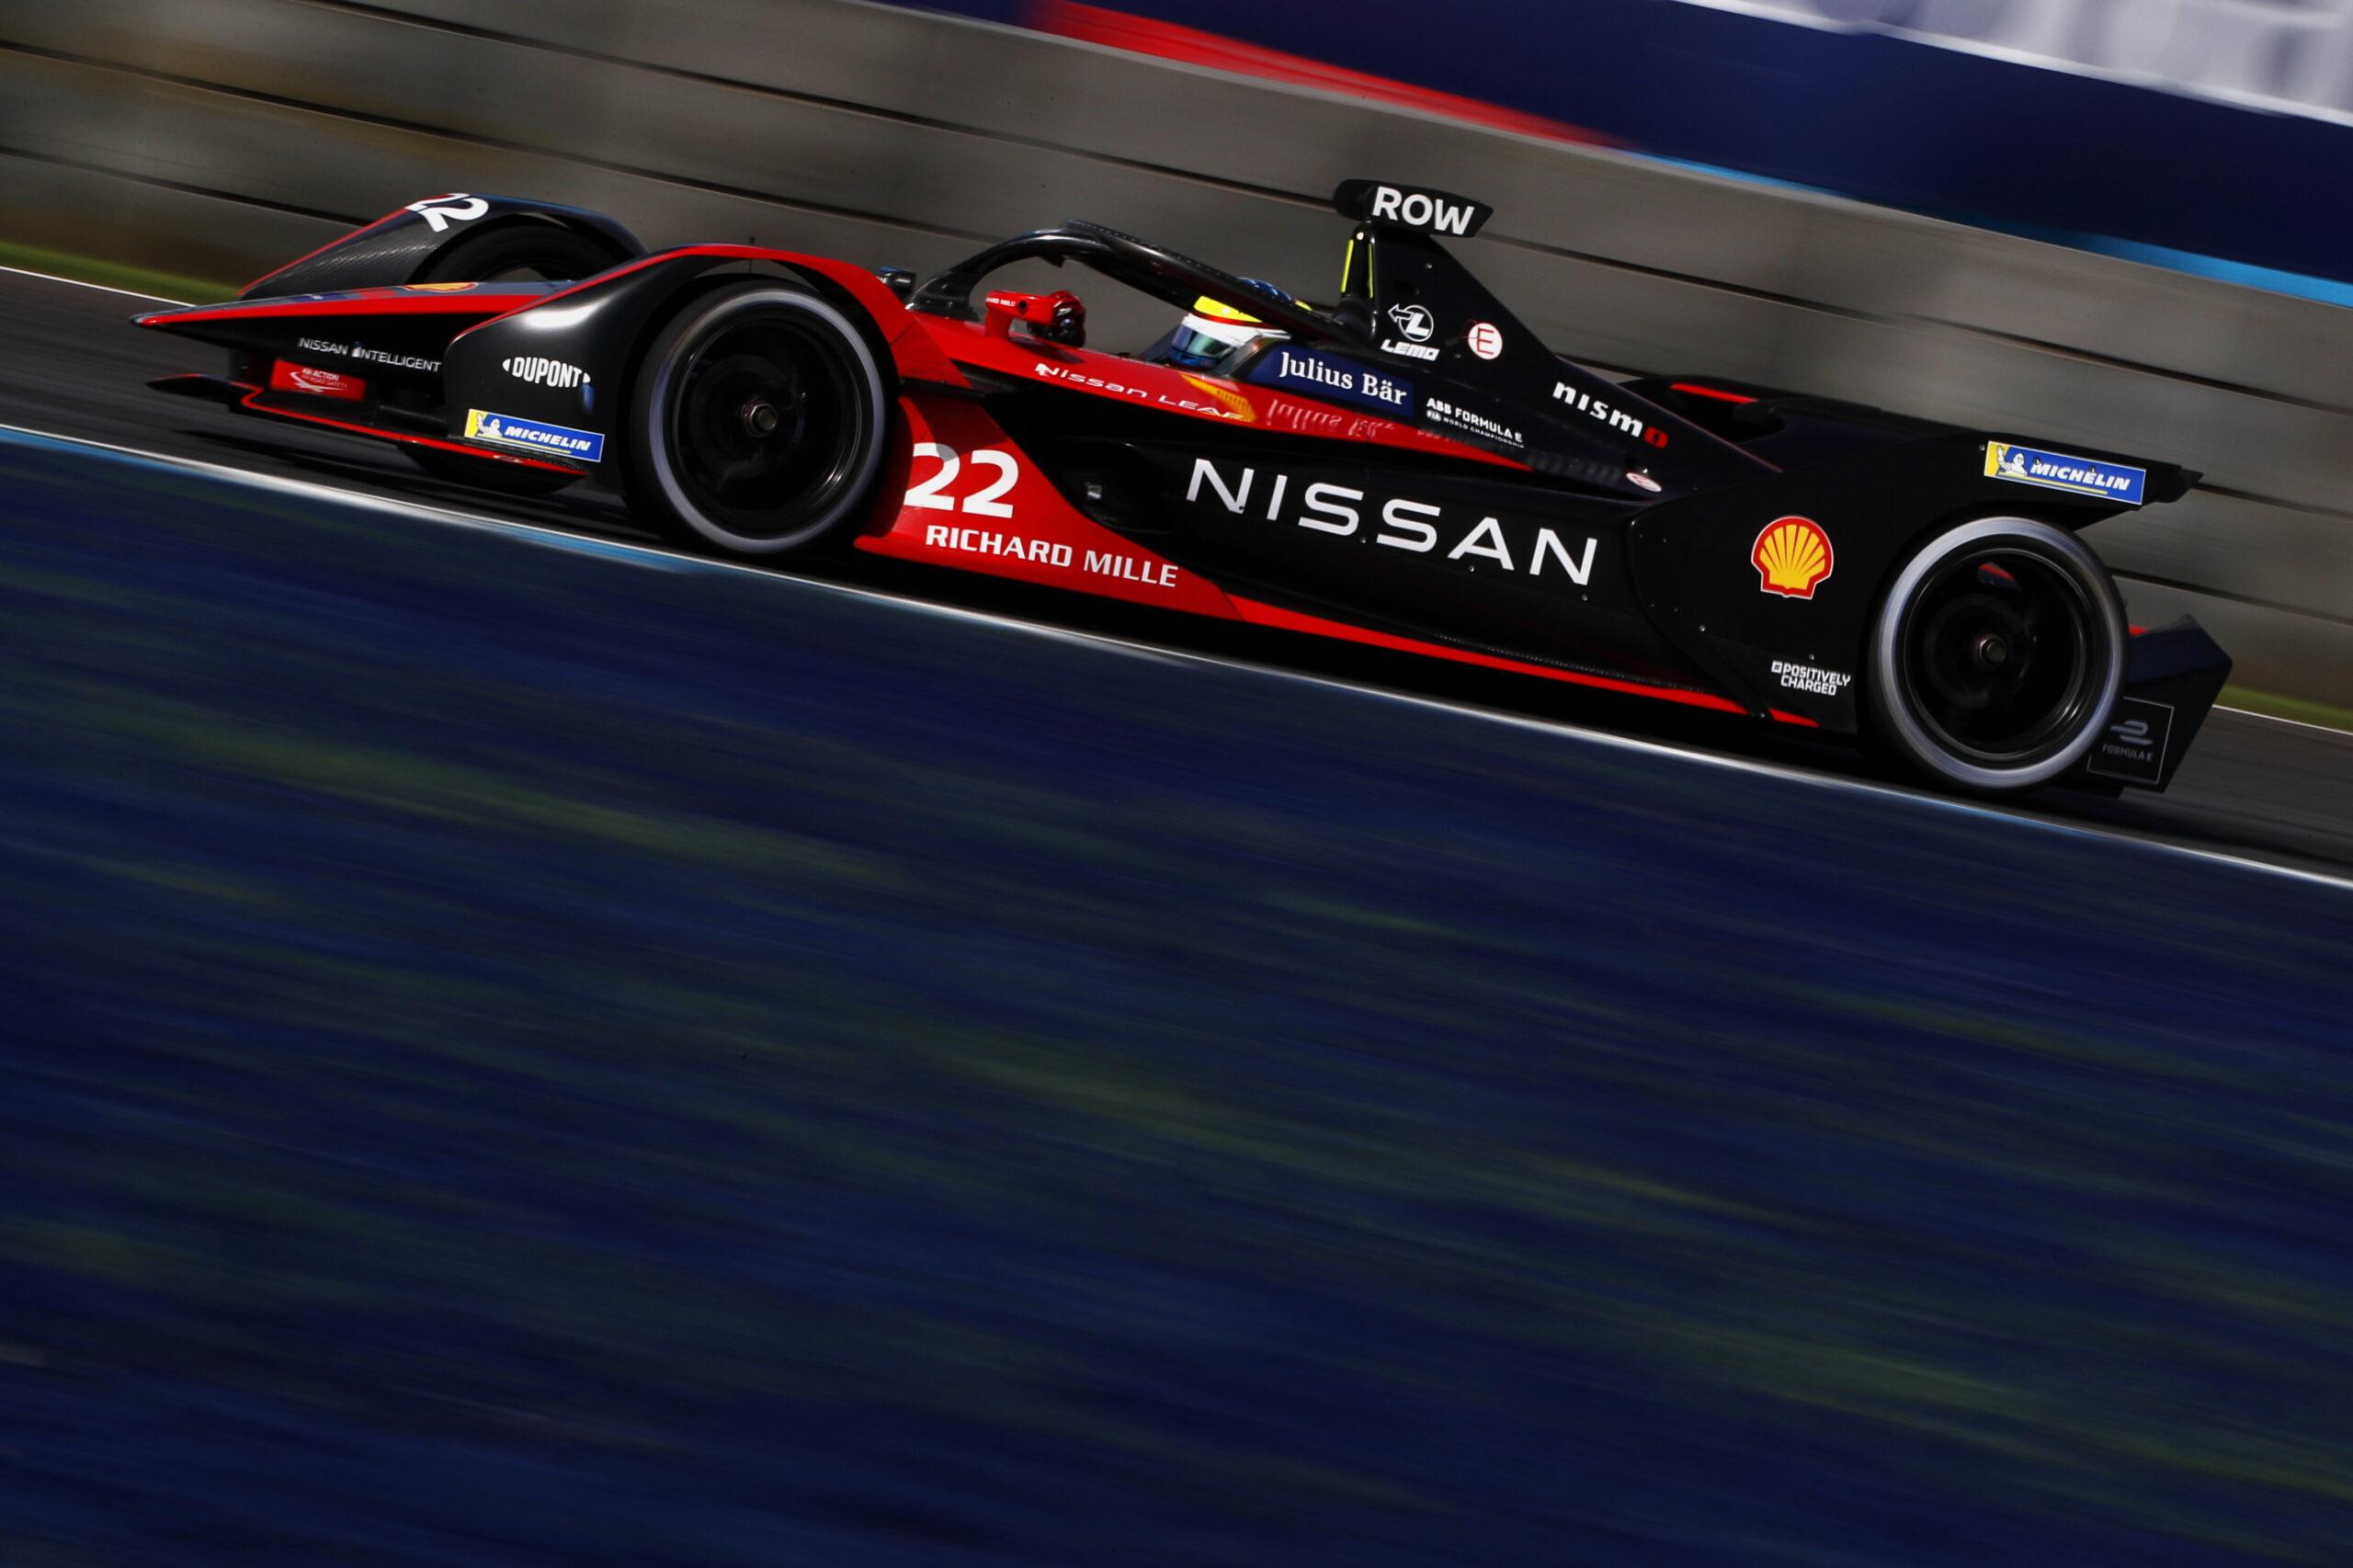 Qualifiche E-Prix di Puebla (Round 9) di Formula E: Rowland in Super Pole con la sua Nissan, Mercedes ancora in difficoltà.